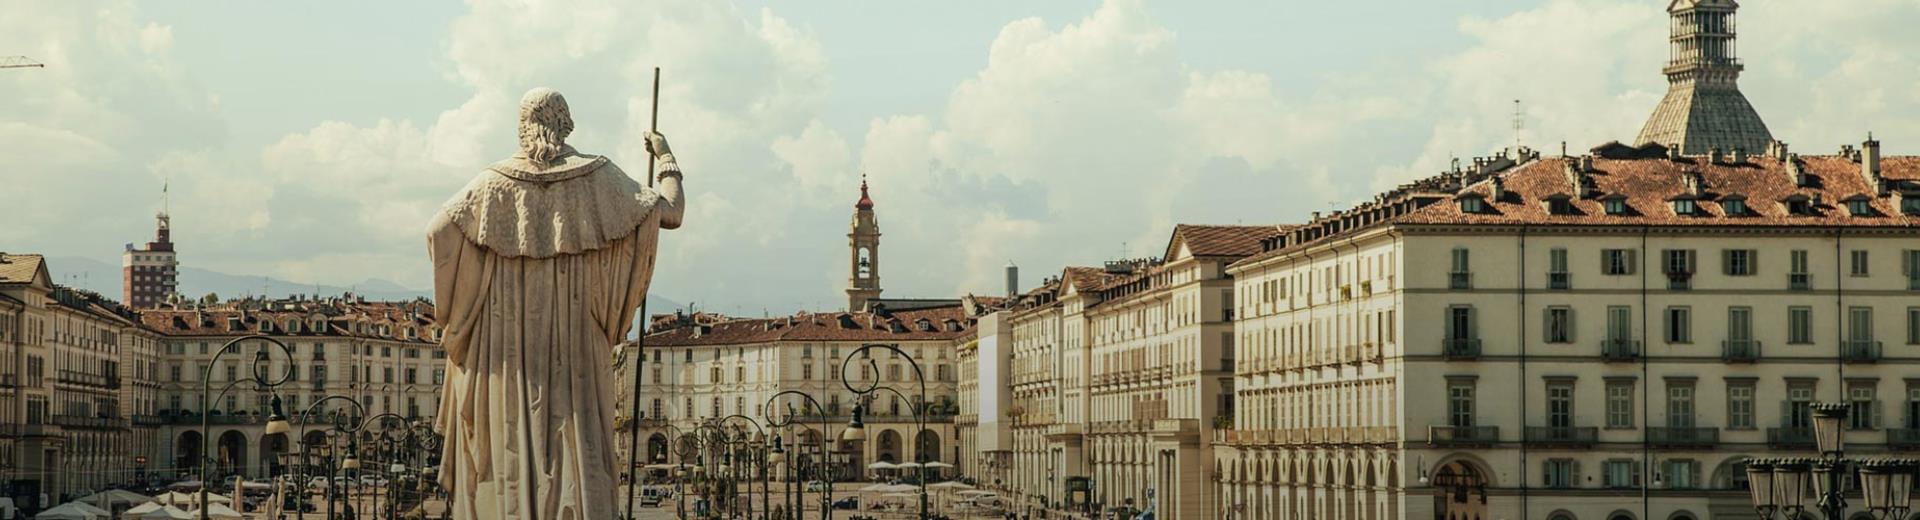 Offerta hotel Torino senza tassa di soggiorno - Hotel Crystal Palace